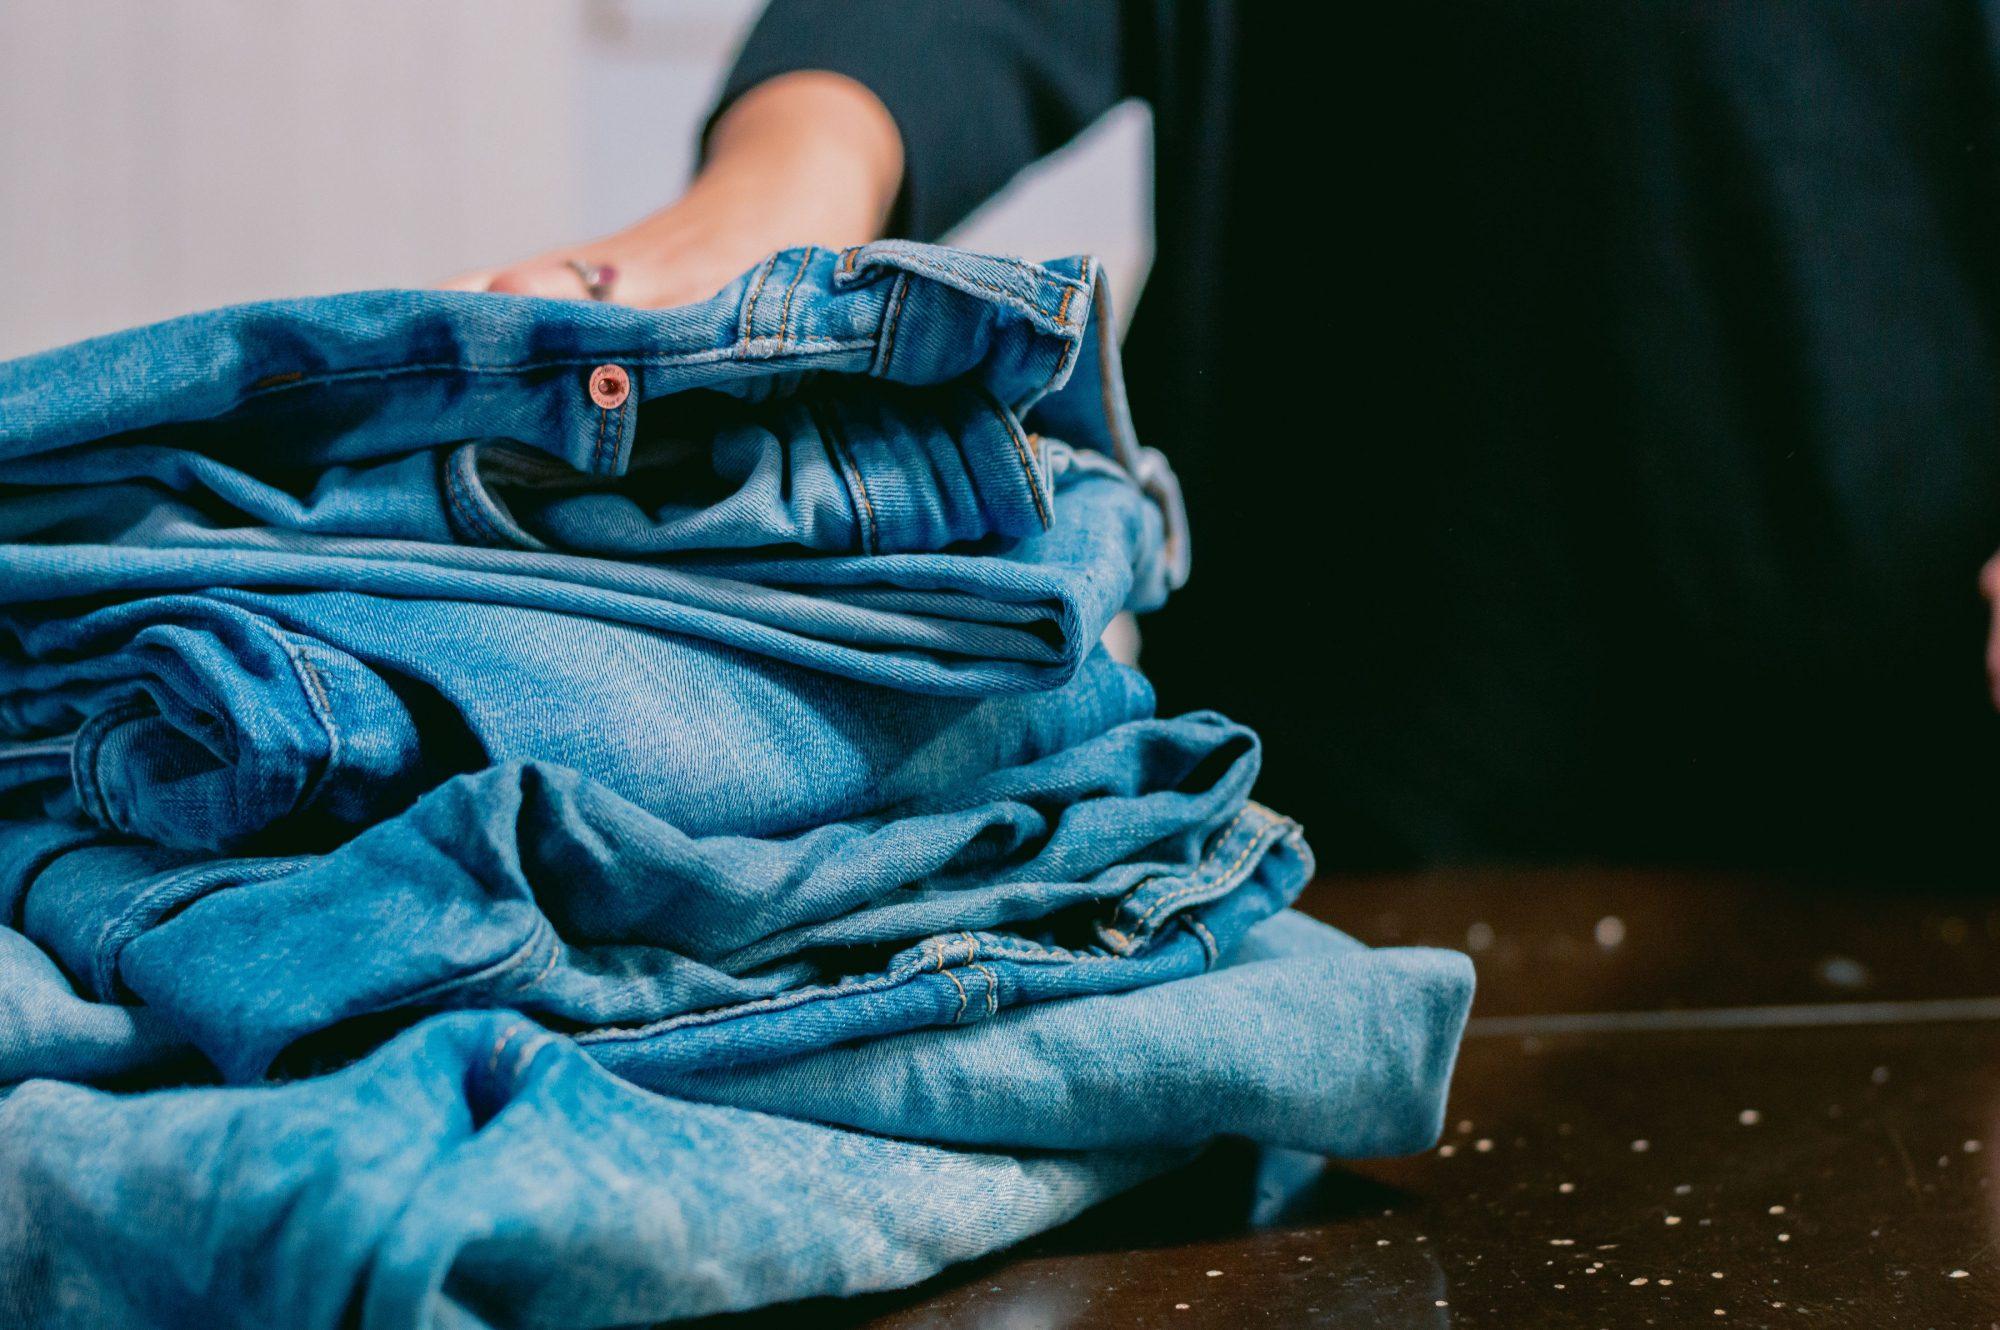 Stapeltje jeans 2